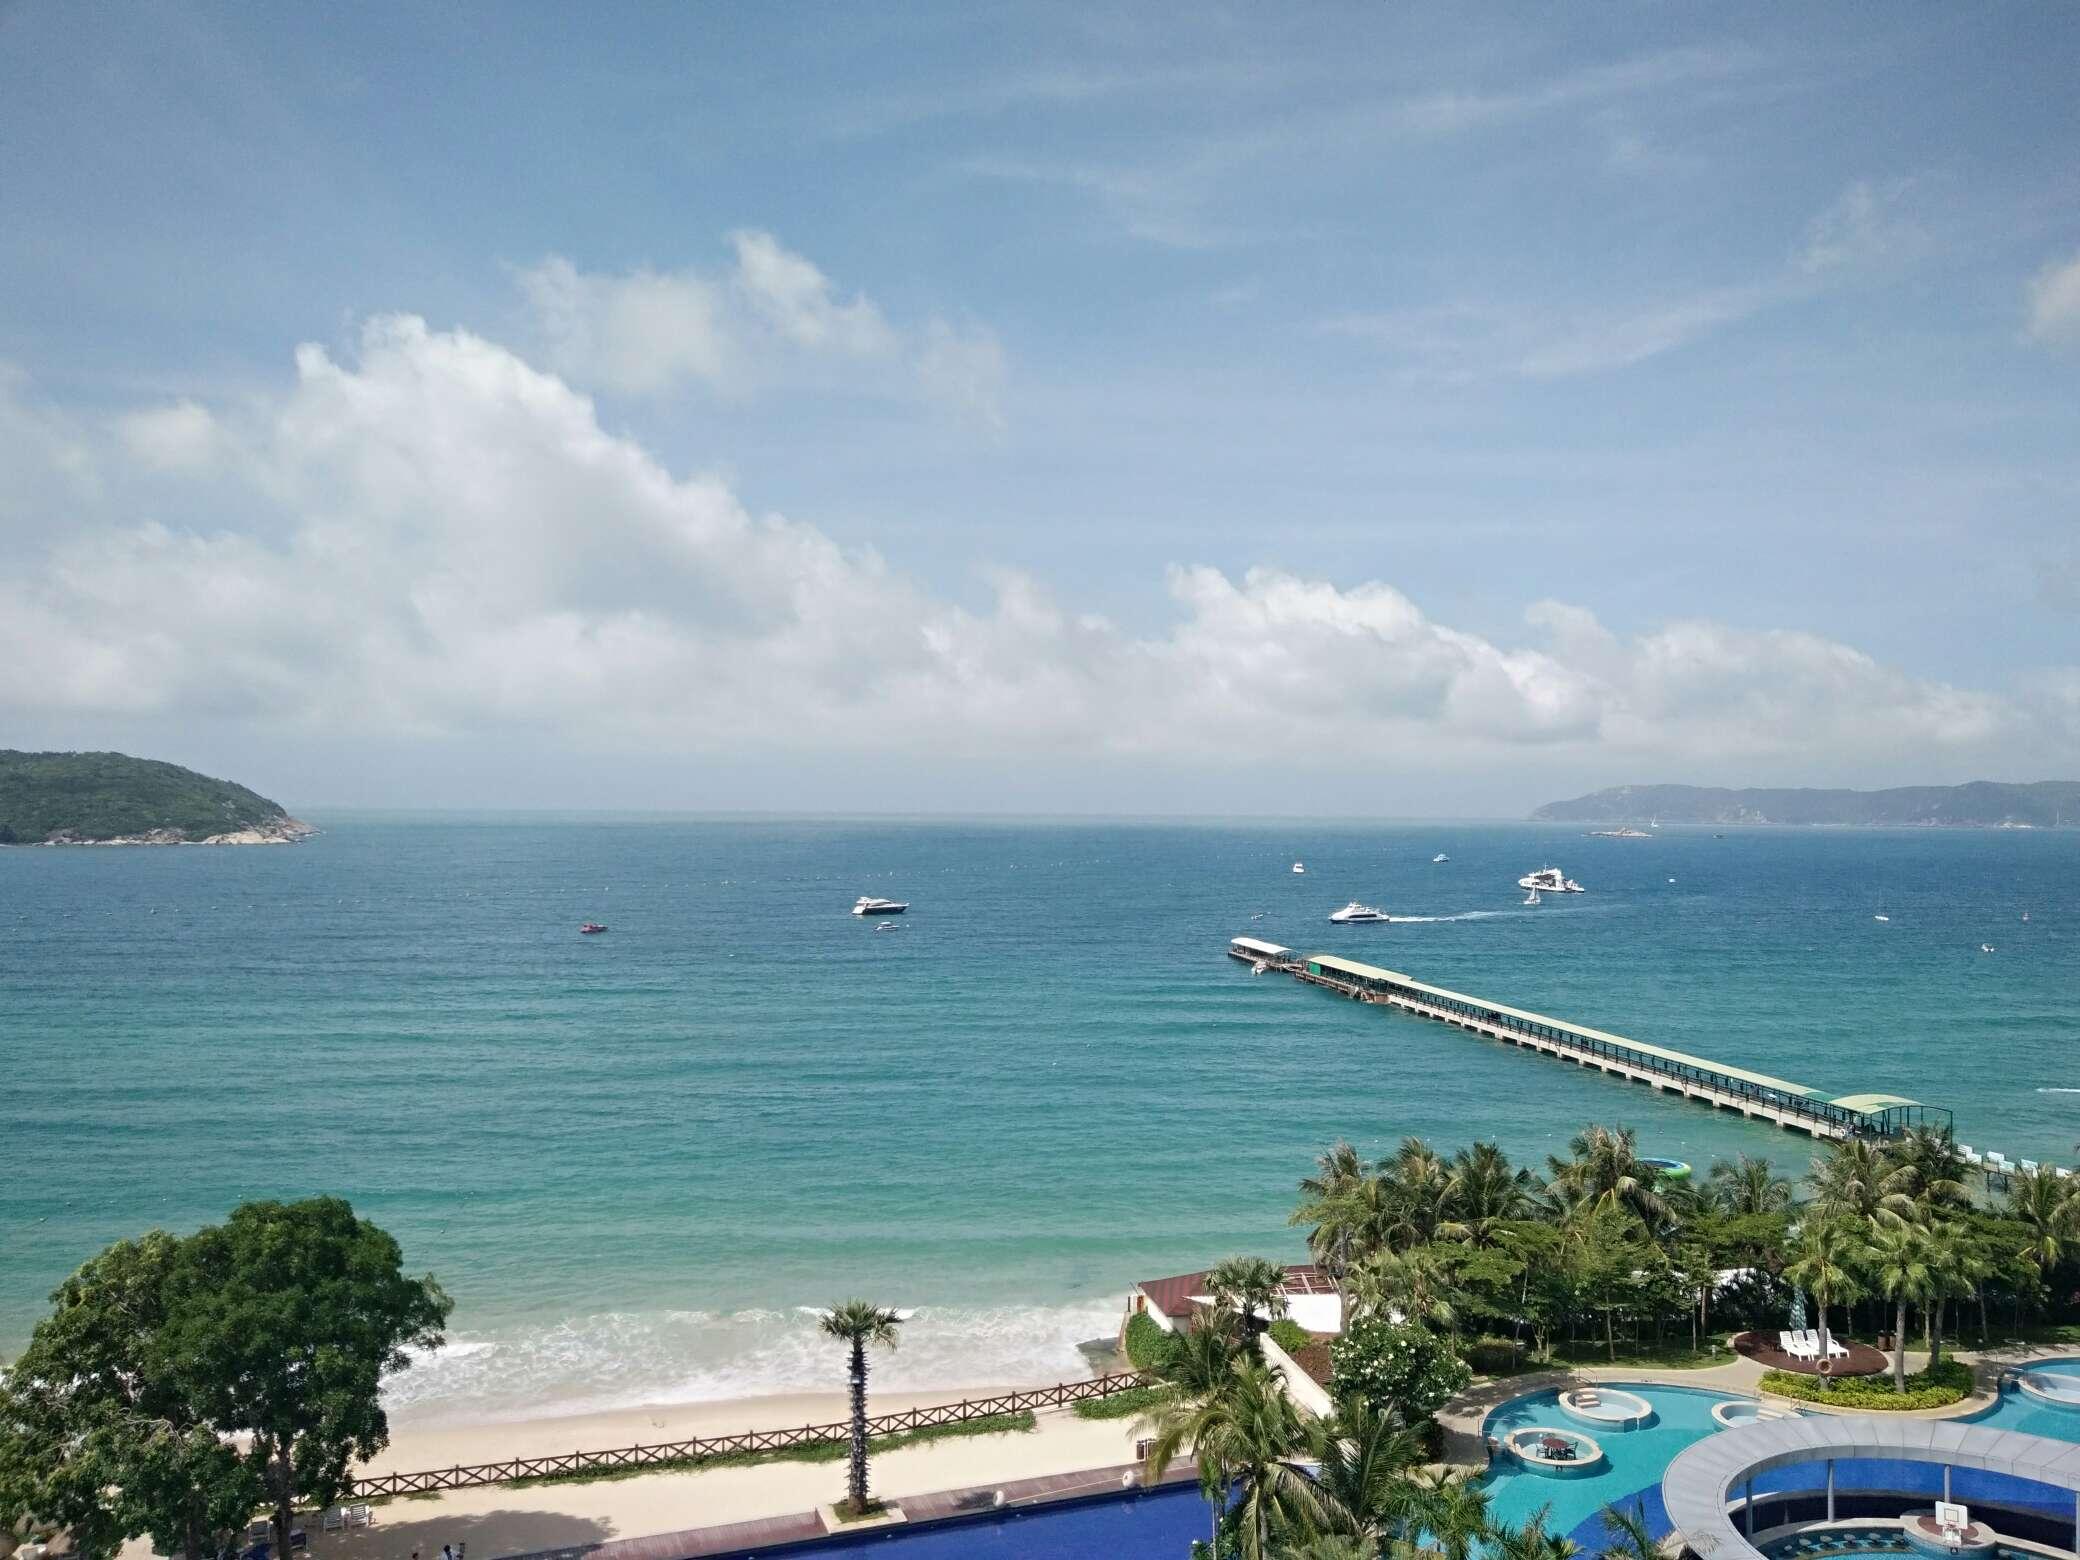 非常不错的酒店,环境好,服务好,离海边近,风景好